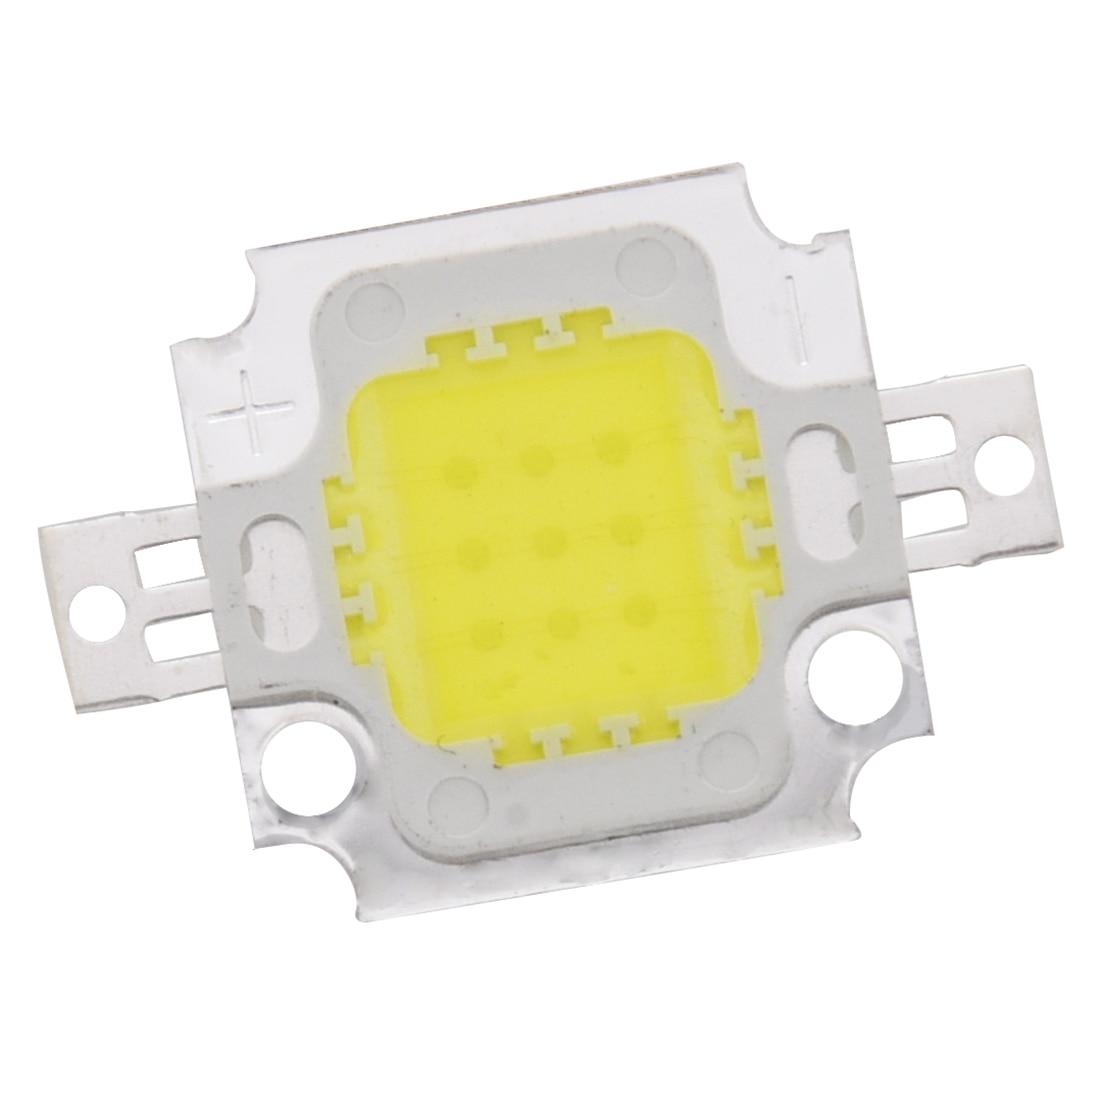 20W Watt Cool White High Power LED light SMD chip 6000-7000k Integrated bulb